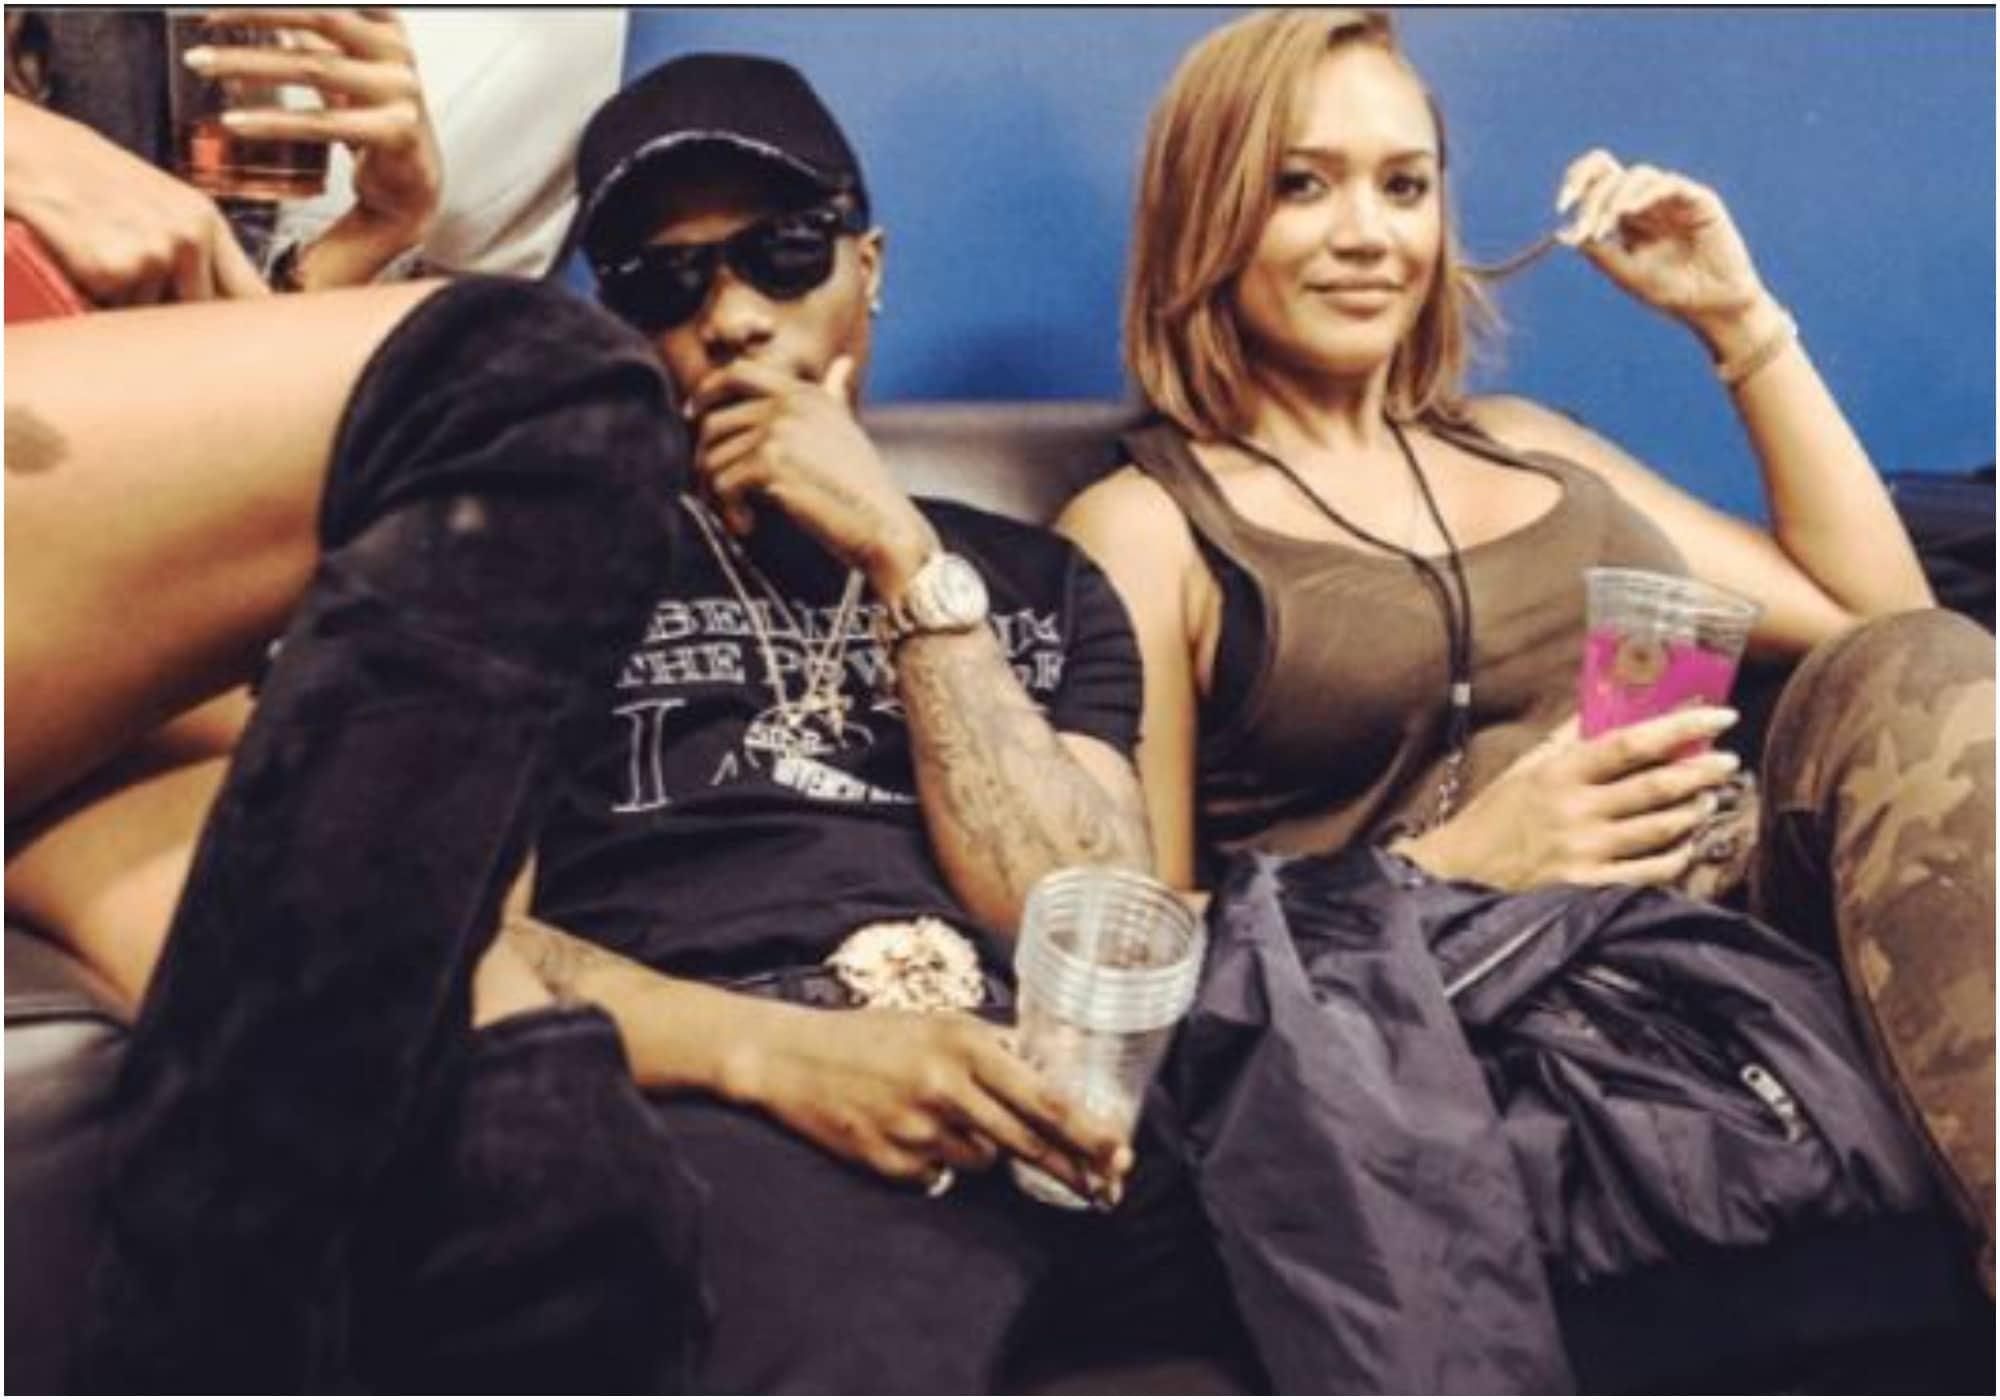 Wizkid and Jada